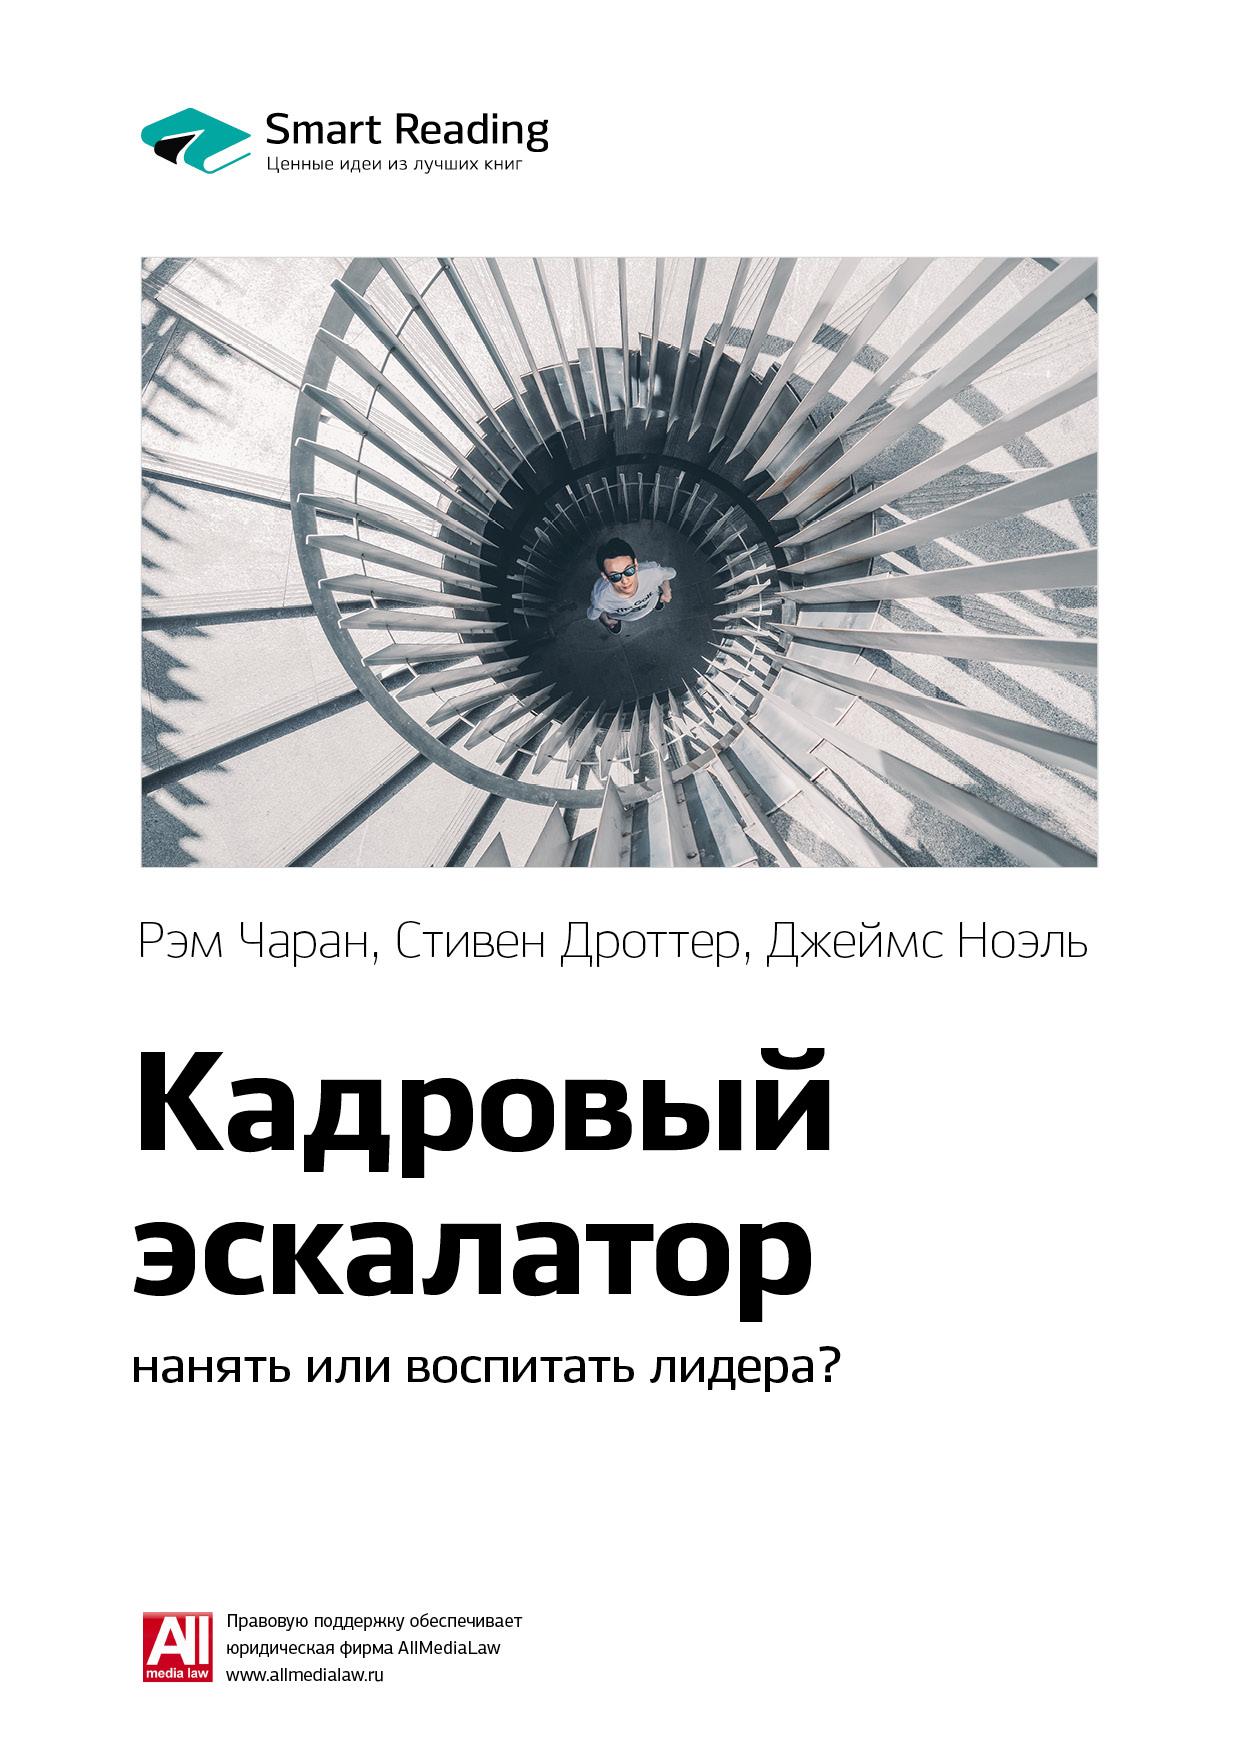 Ключевые идеи книги: Кадровый эскалатор: нанять или воспитать лидера? Рэм Чаран, Стивен Дроттер, Джеймс Ноэль